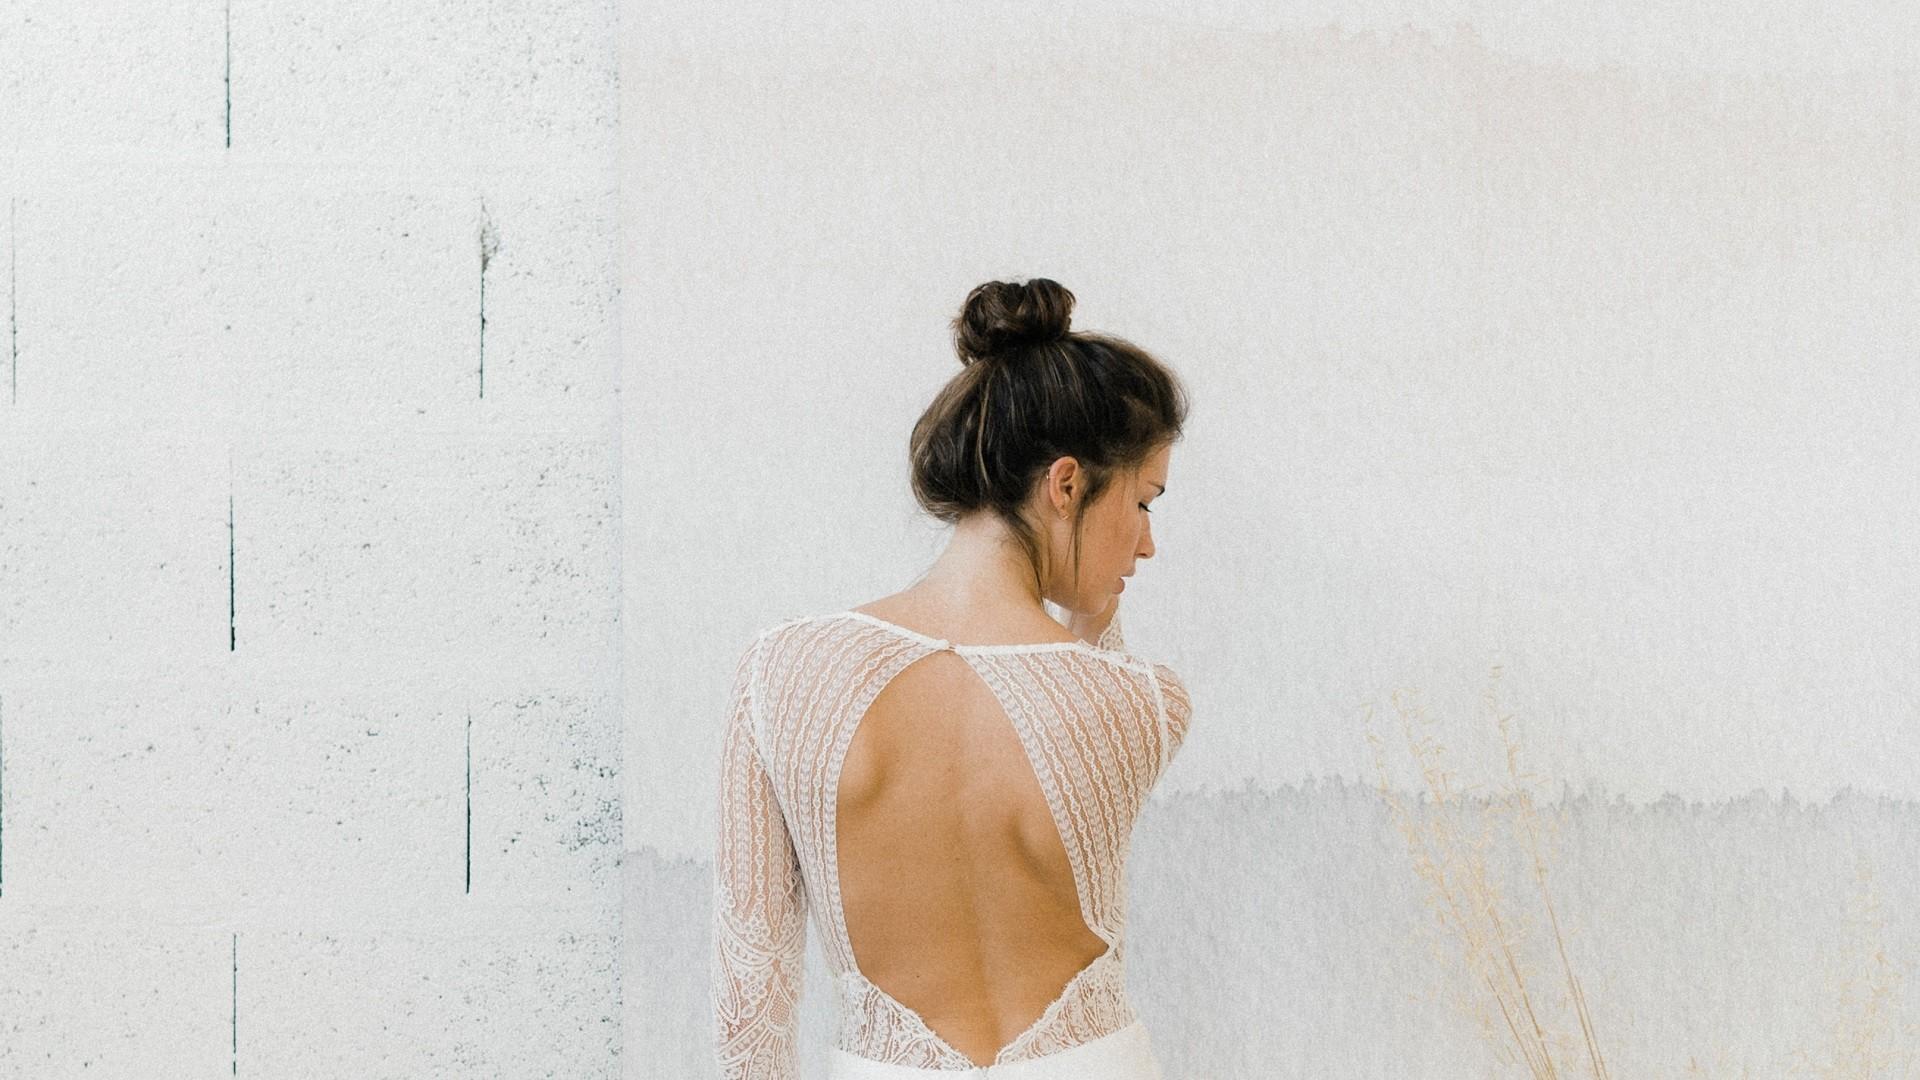 126f5cd64b2433 Kamélion Couture : Atelier de création de robes de mariée par Laetitia  Drouet à 25 minutes de Nantes